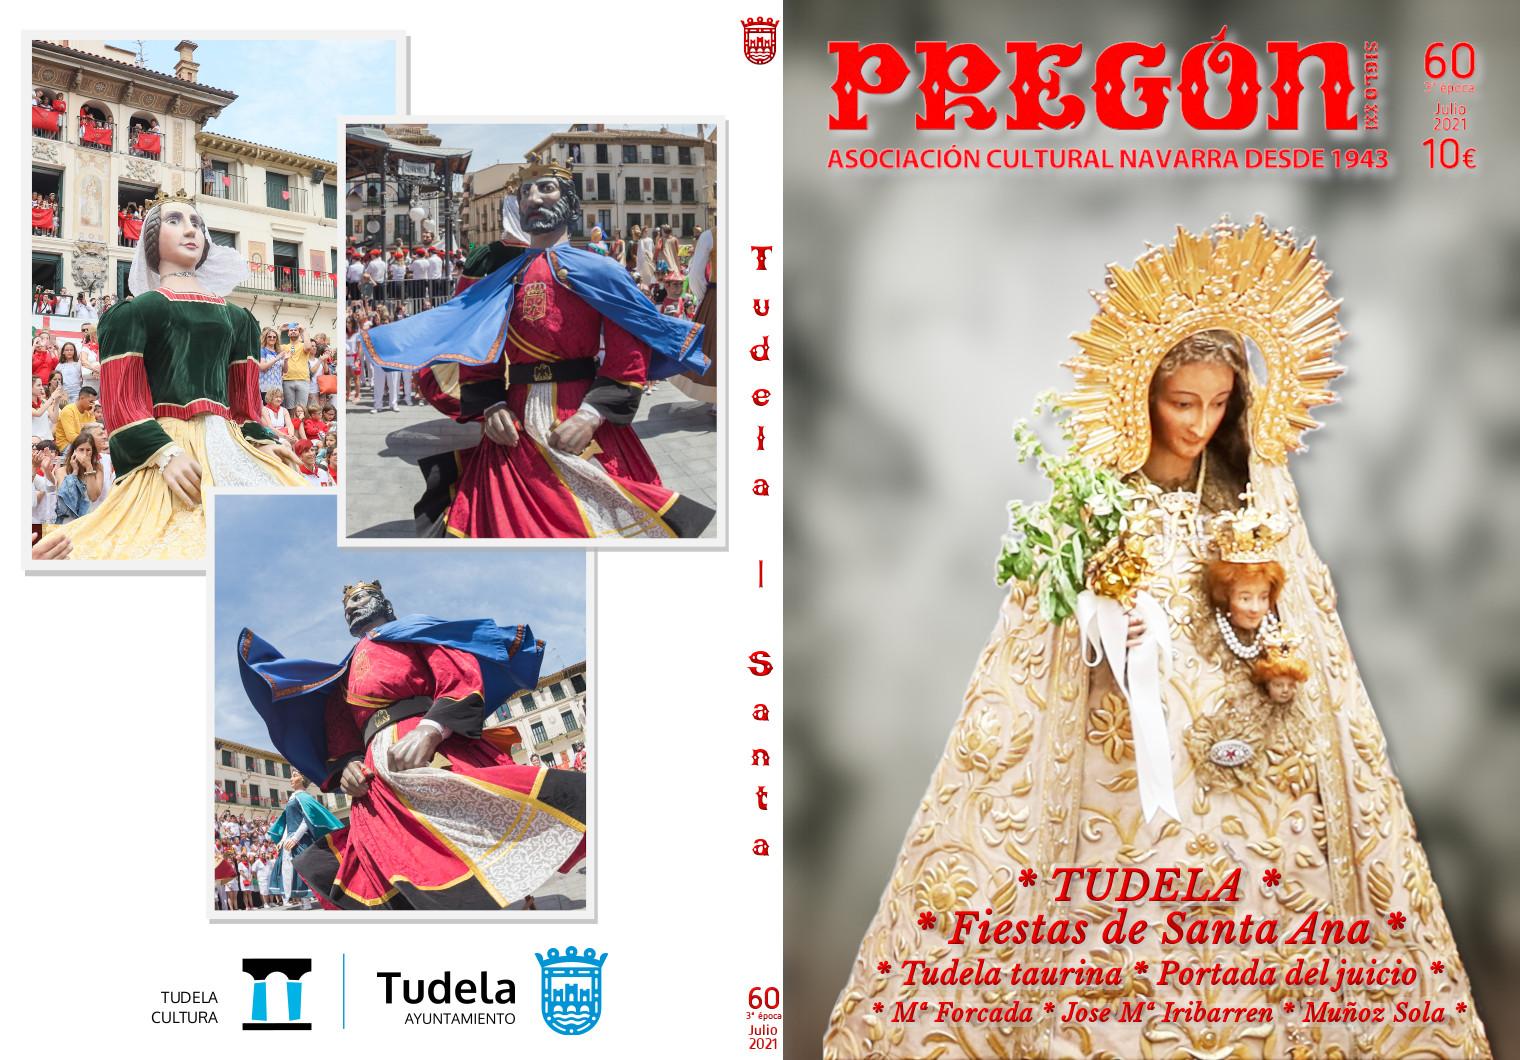 Pregón Nº 60 Tudela y las fiestas de Santa Ana